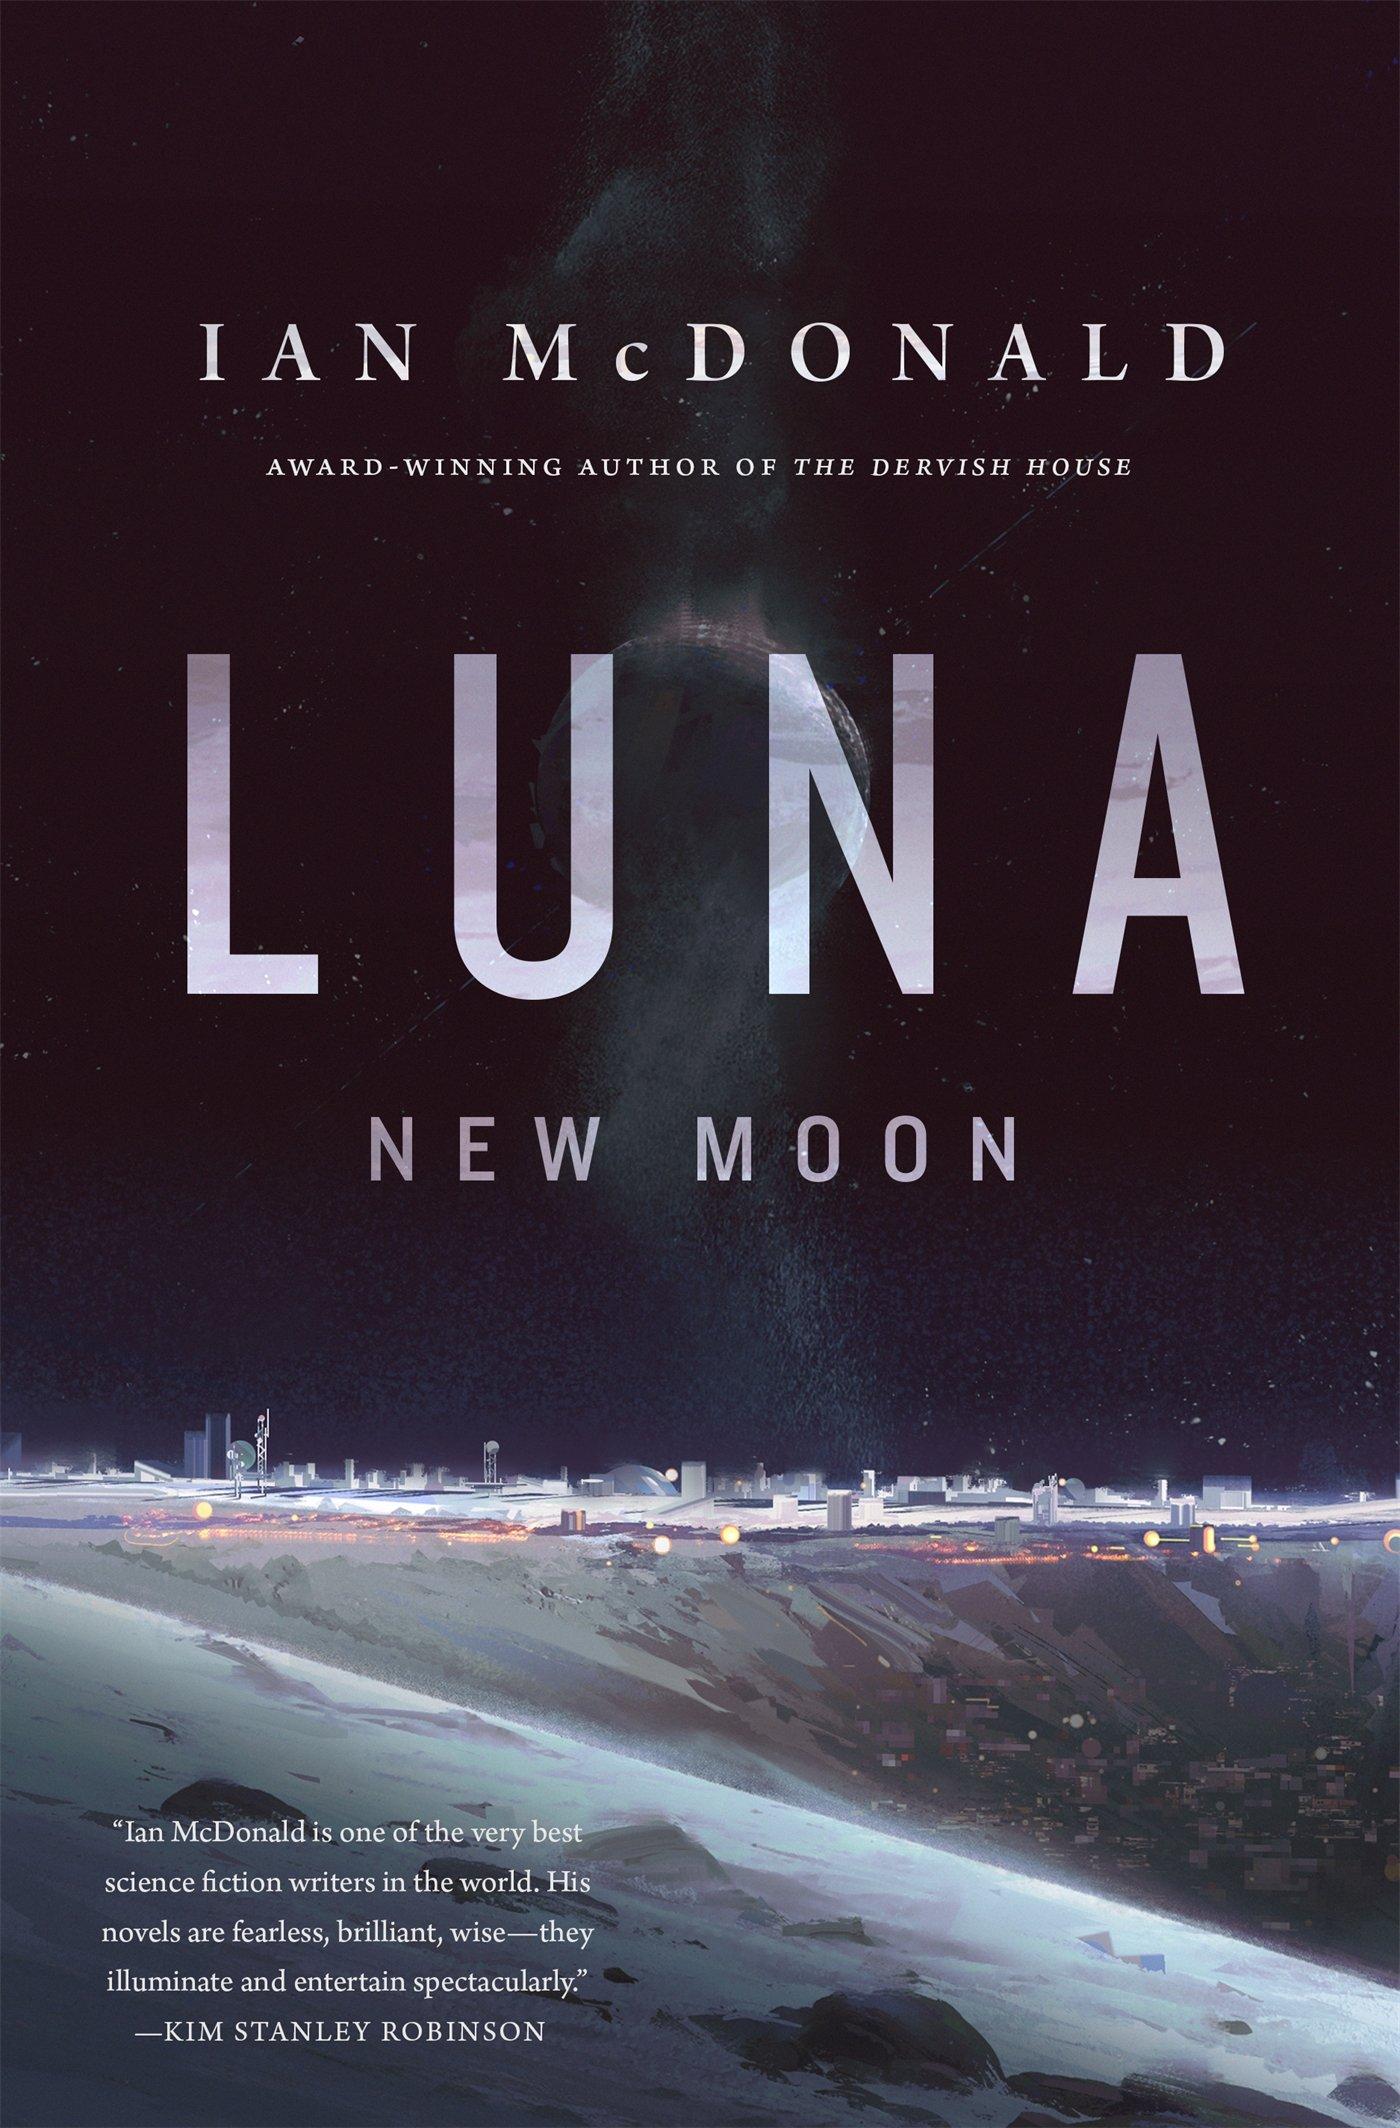 mcdonald-luna-new-moon